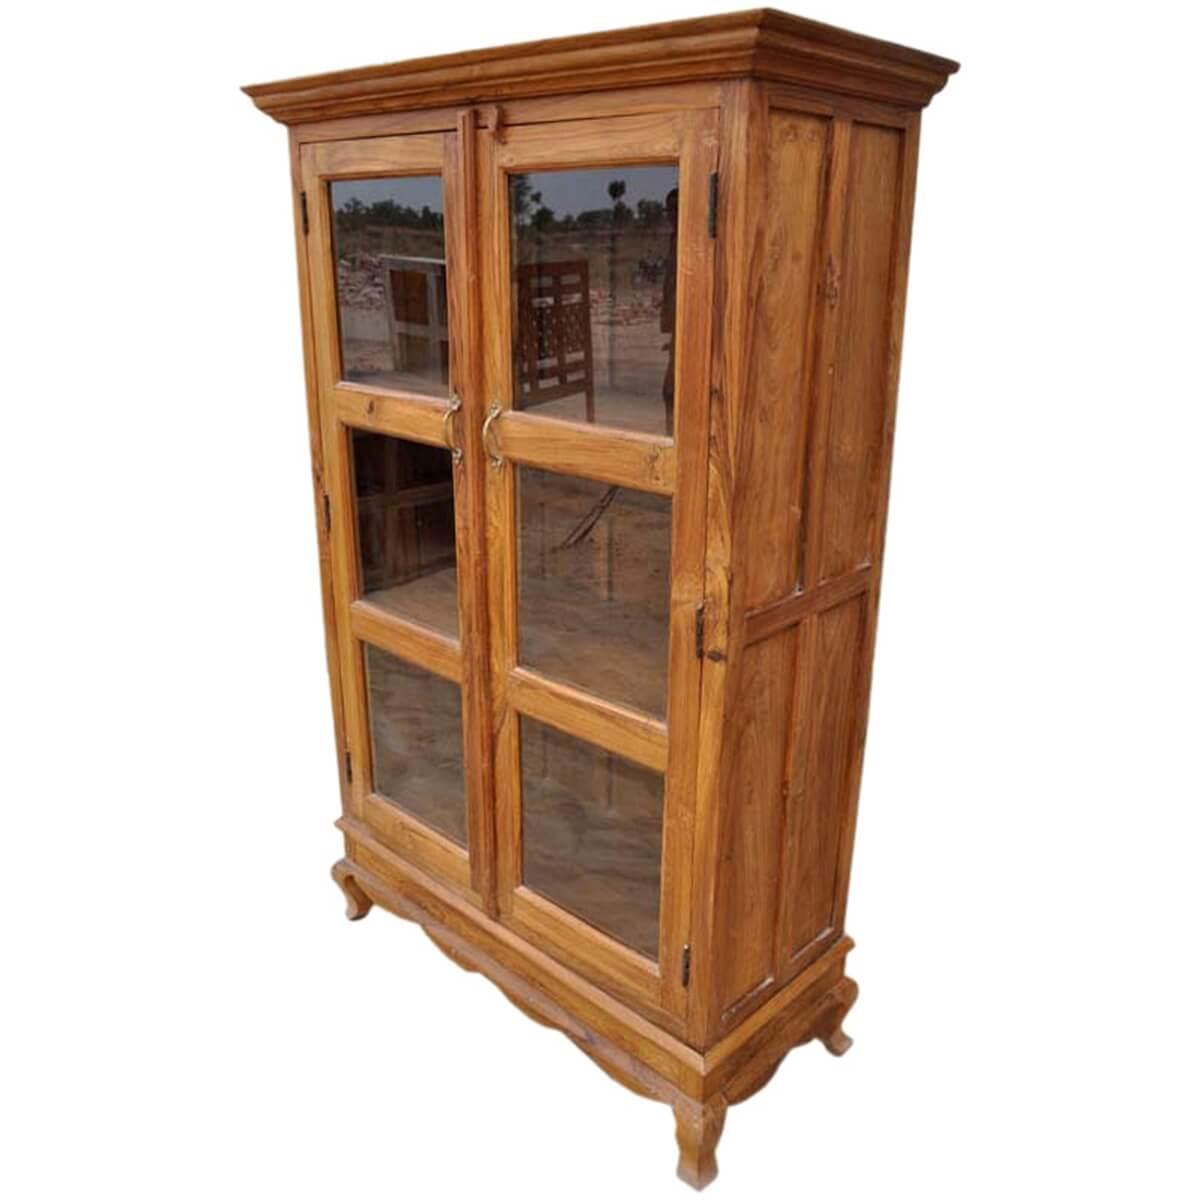 Merveilleux Inglis Solid Wood Glass Door Freestanding Bookcase